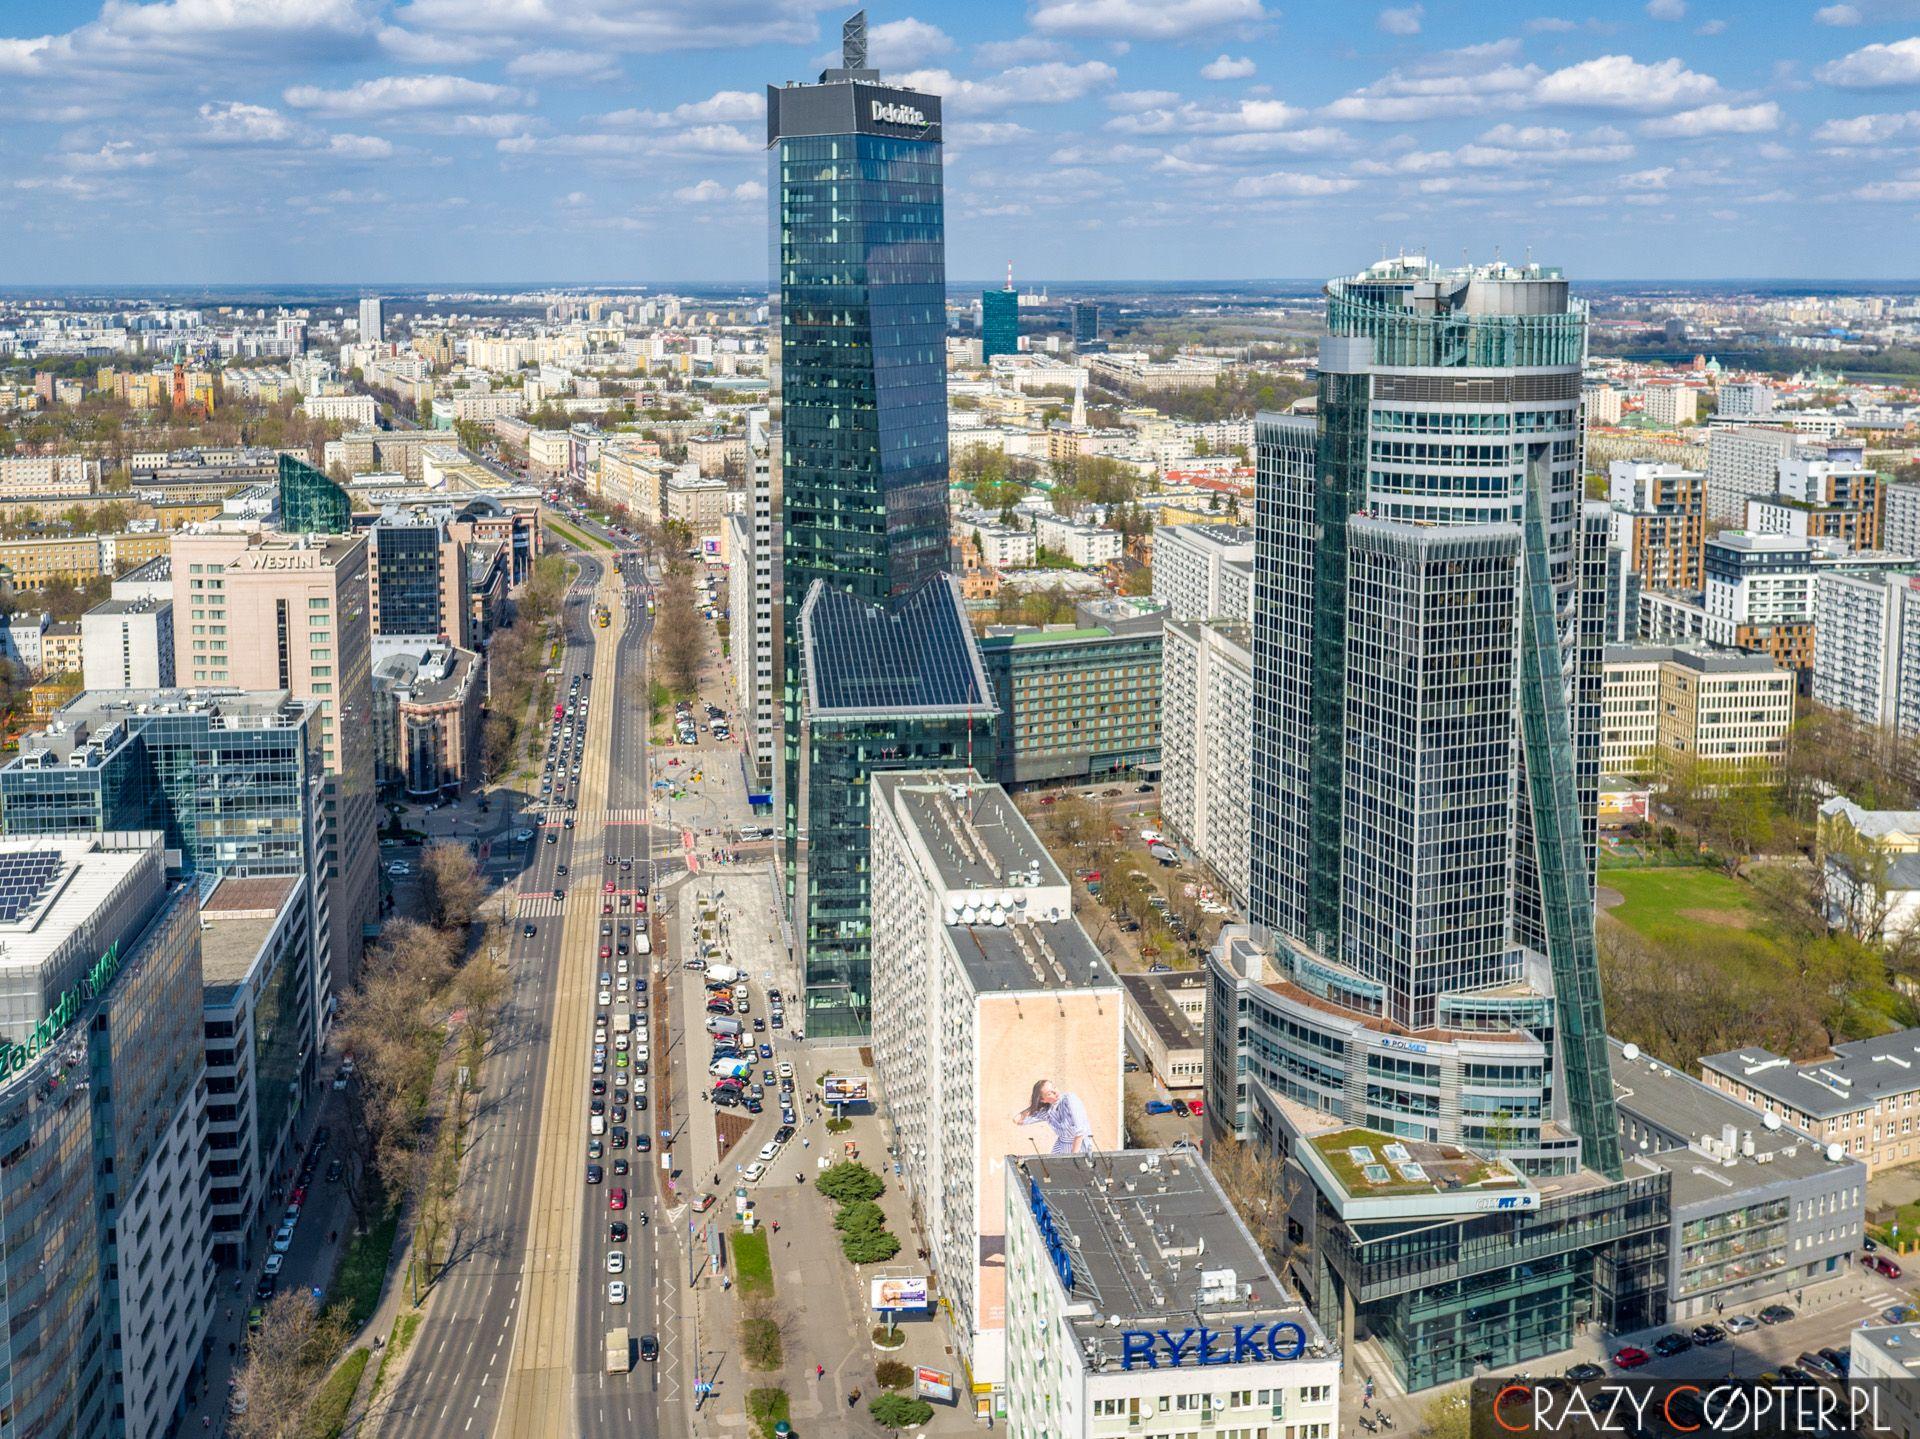 Zdjęcie zlotu ptaka przedstawiające wieżowce wCentrum Warszawy.